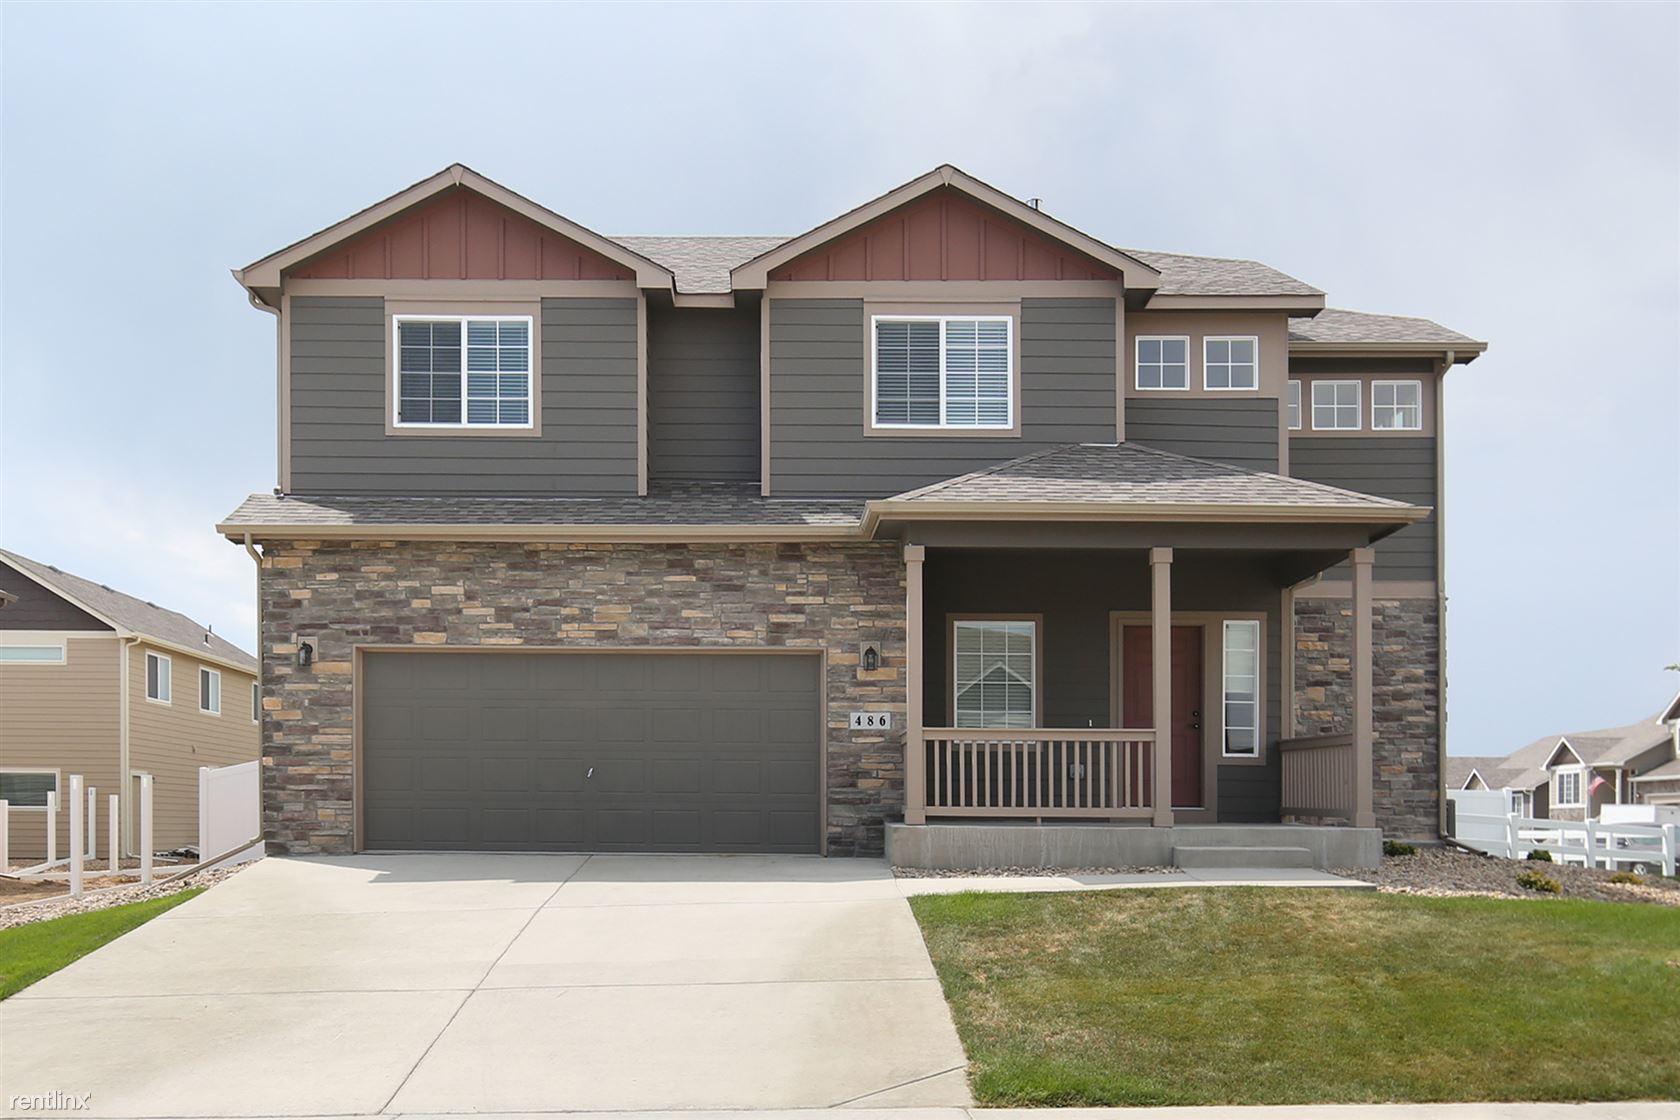 486 Kendalbrook, Windsor, CO - $2,300